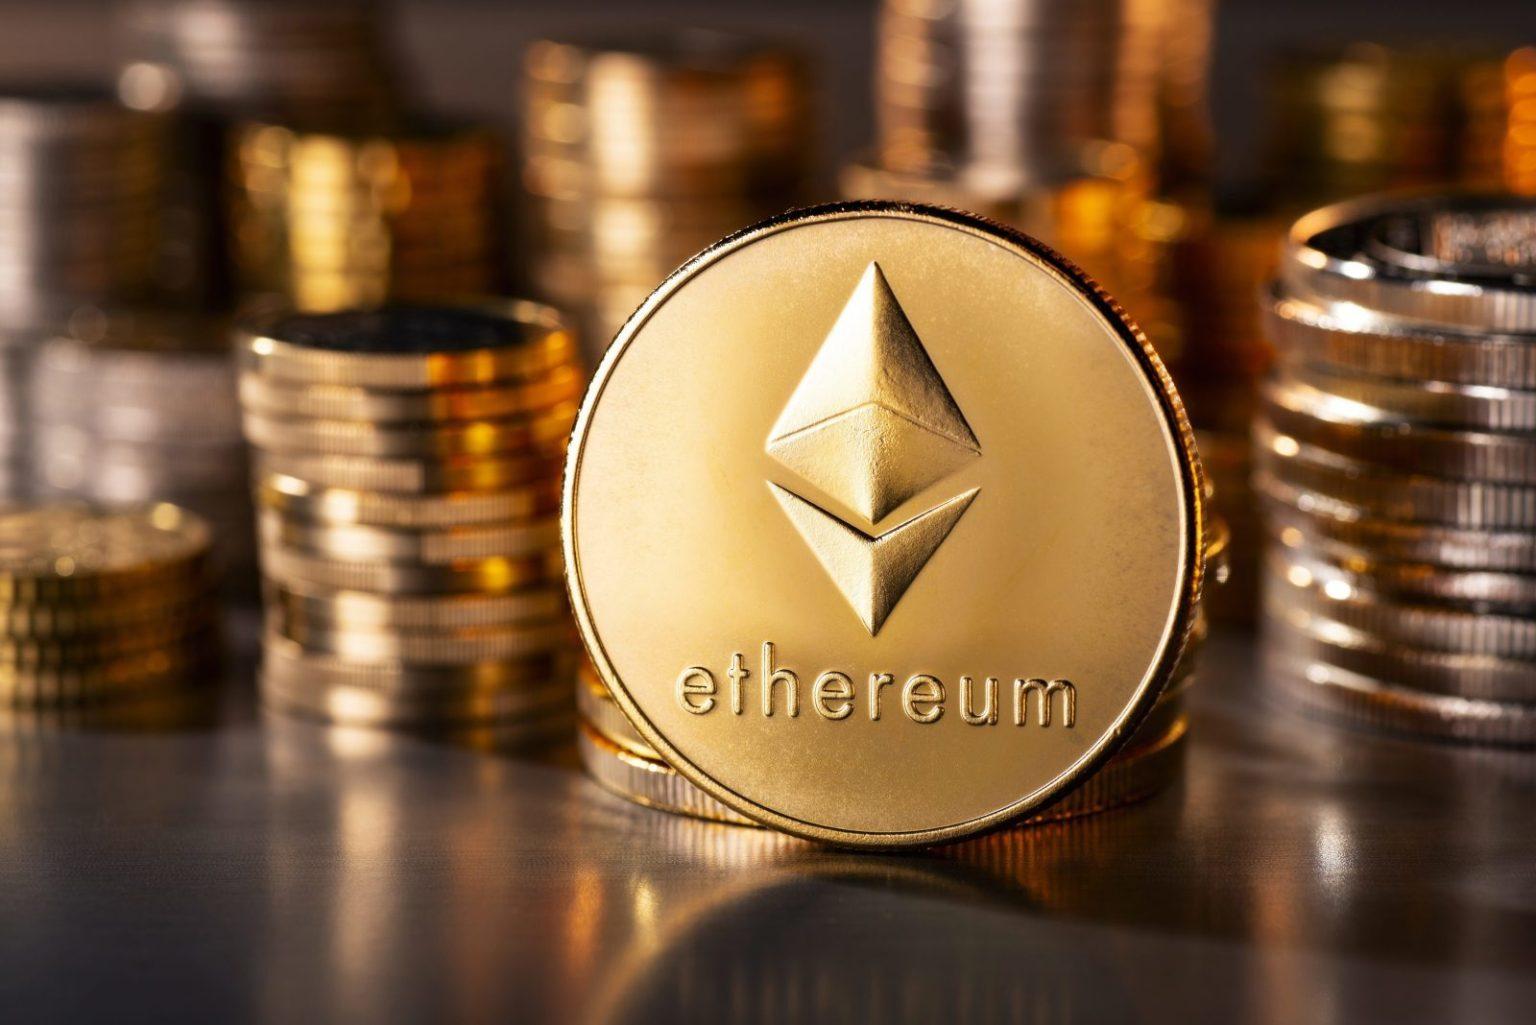 Ethereum продолжает расти в цене. Это плохие новости для любителей видеоигр